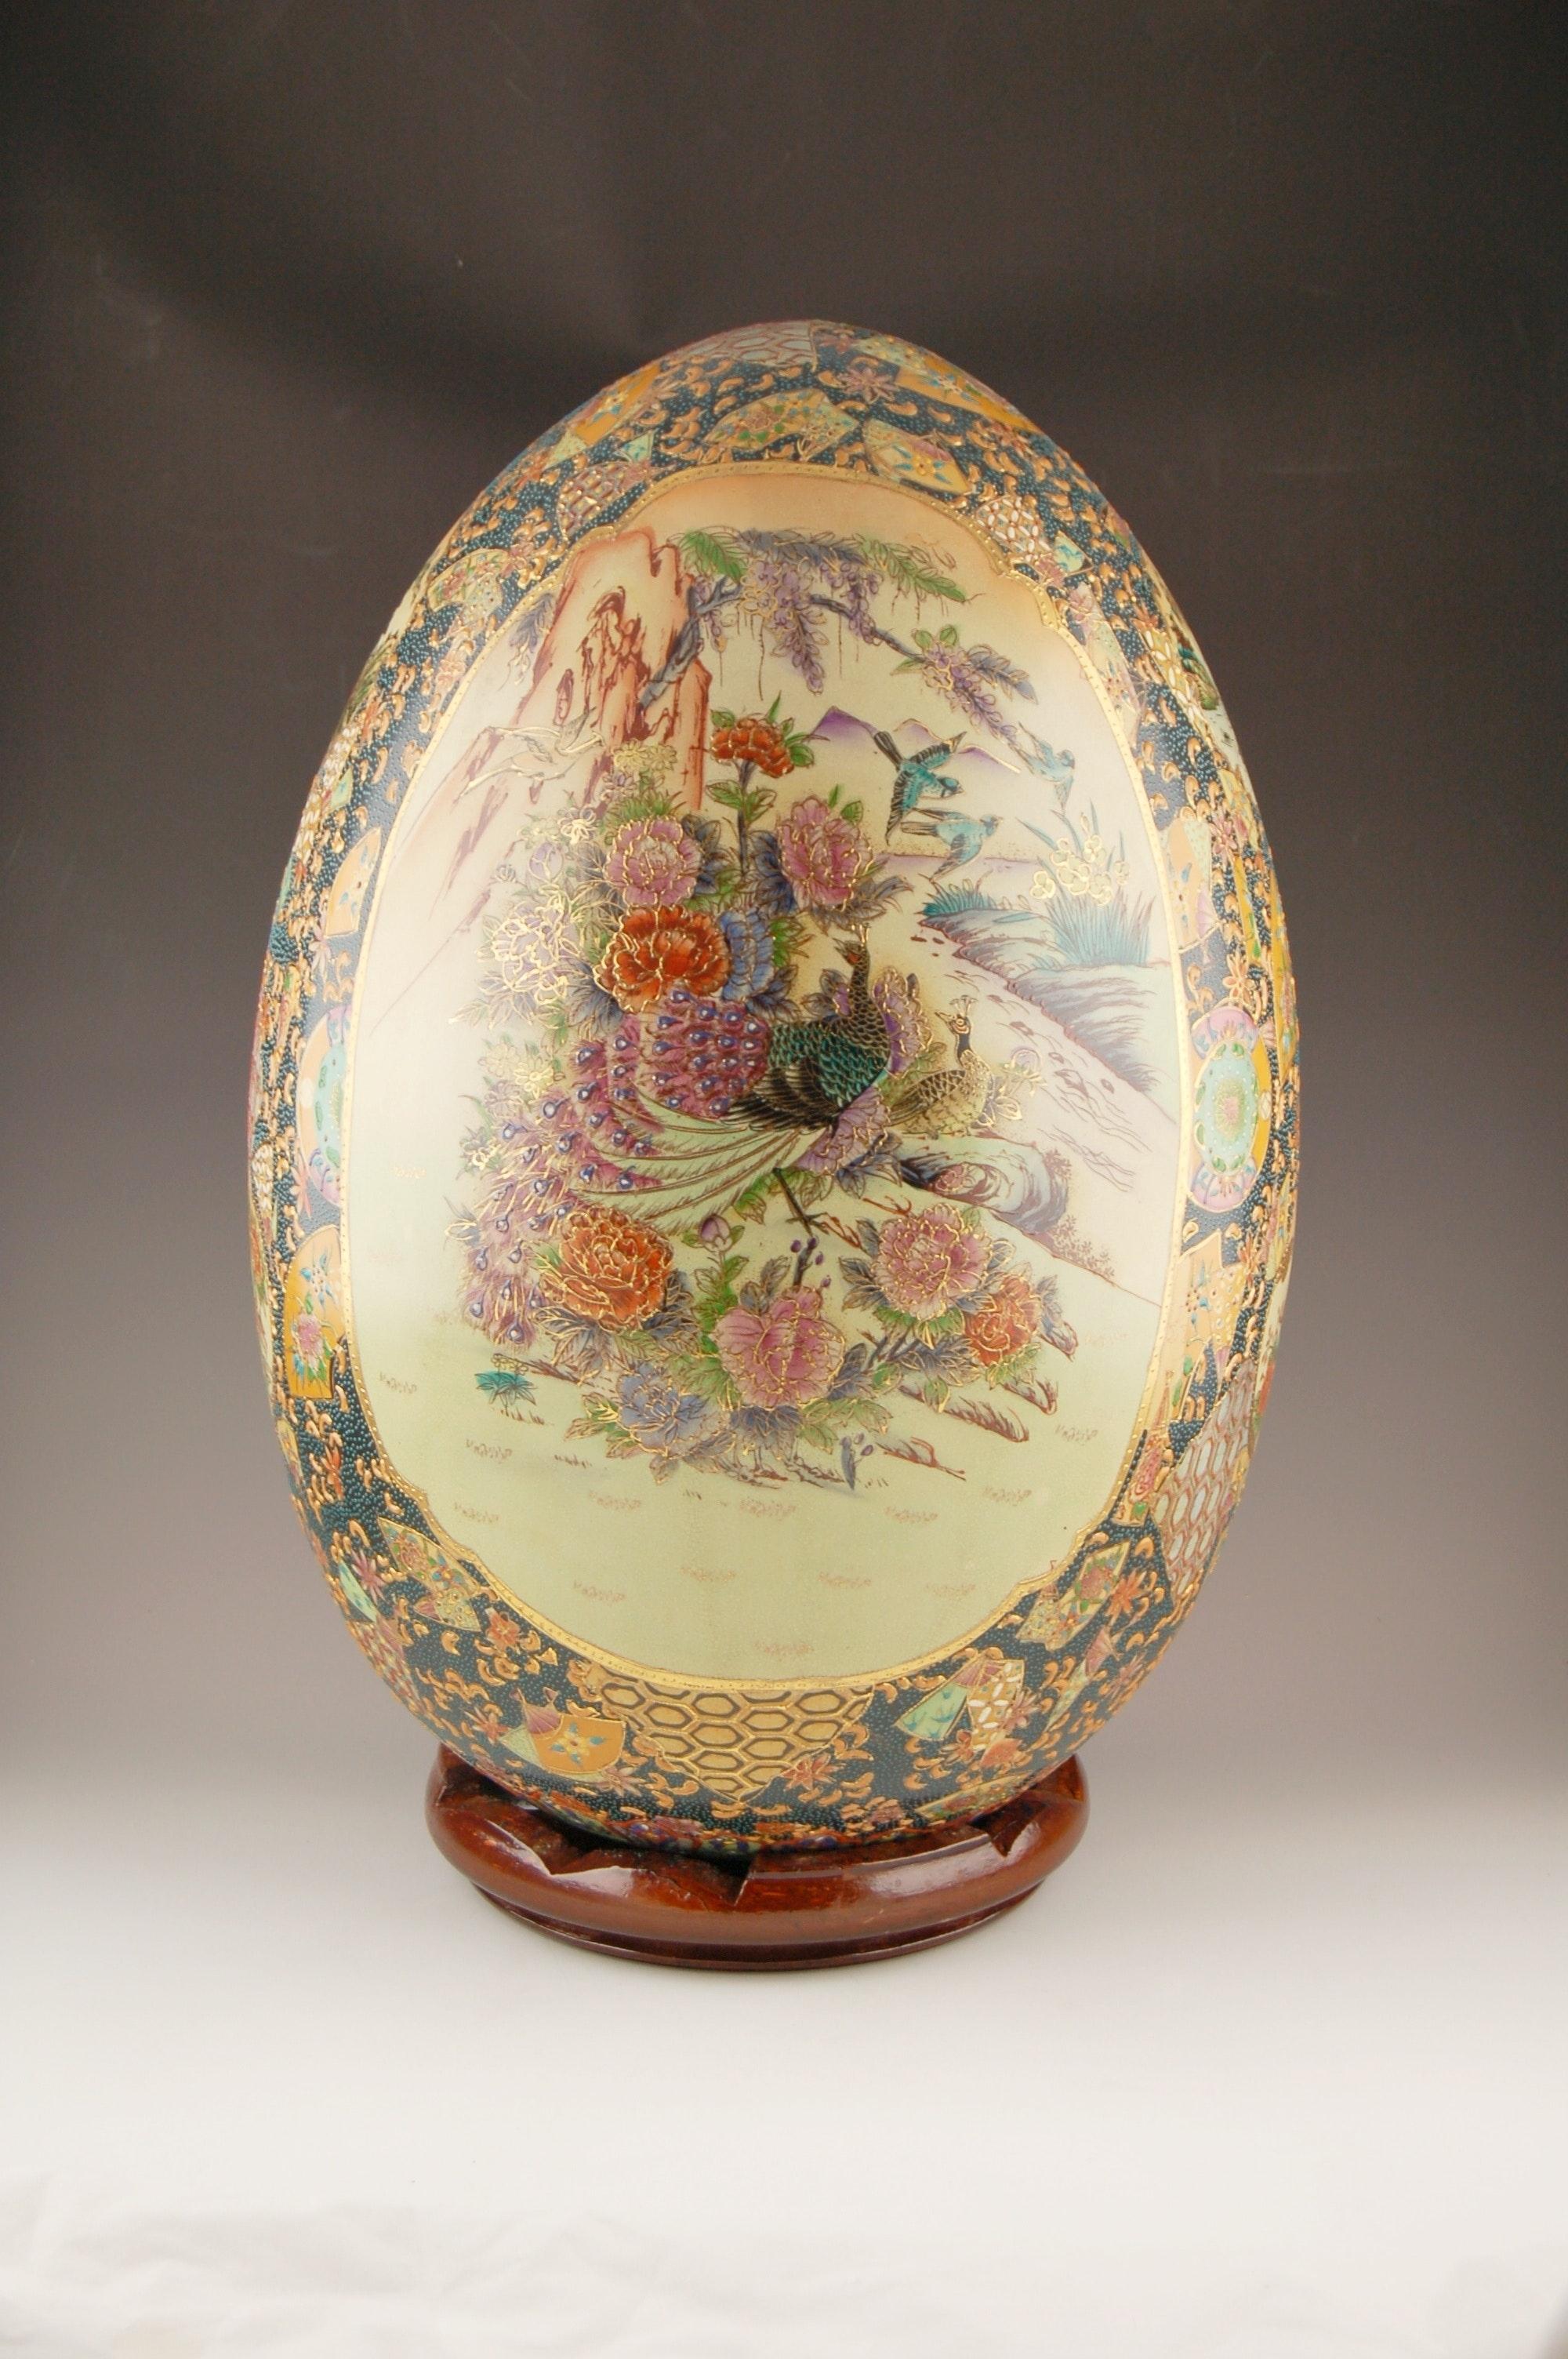 Handpainted Japanese Porcelain Egg